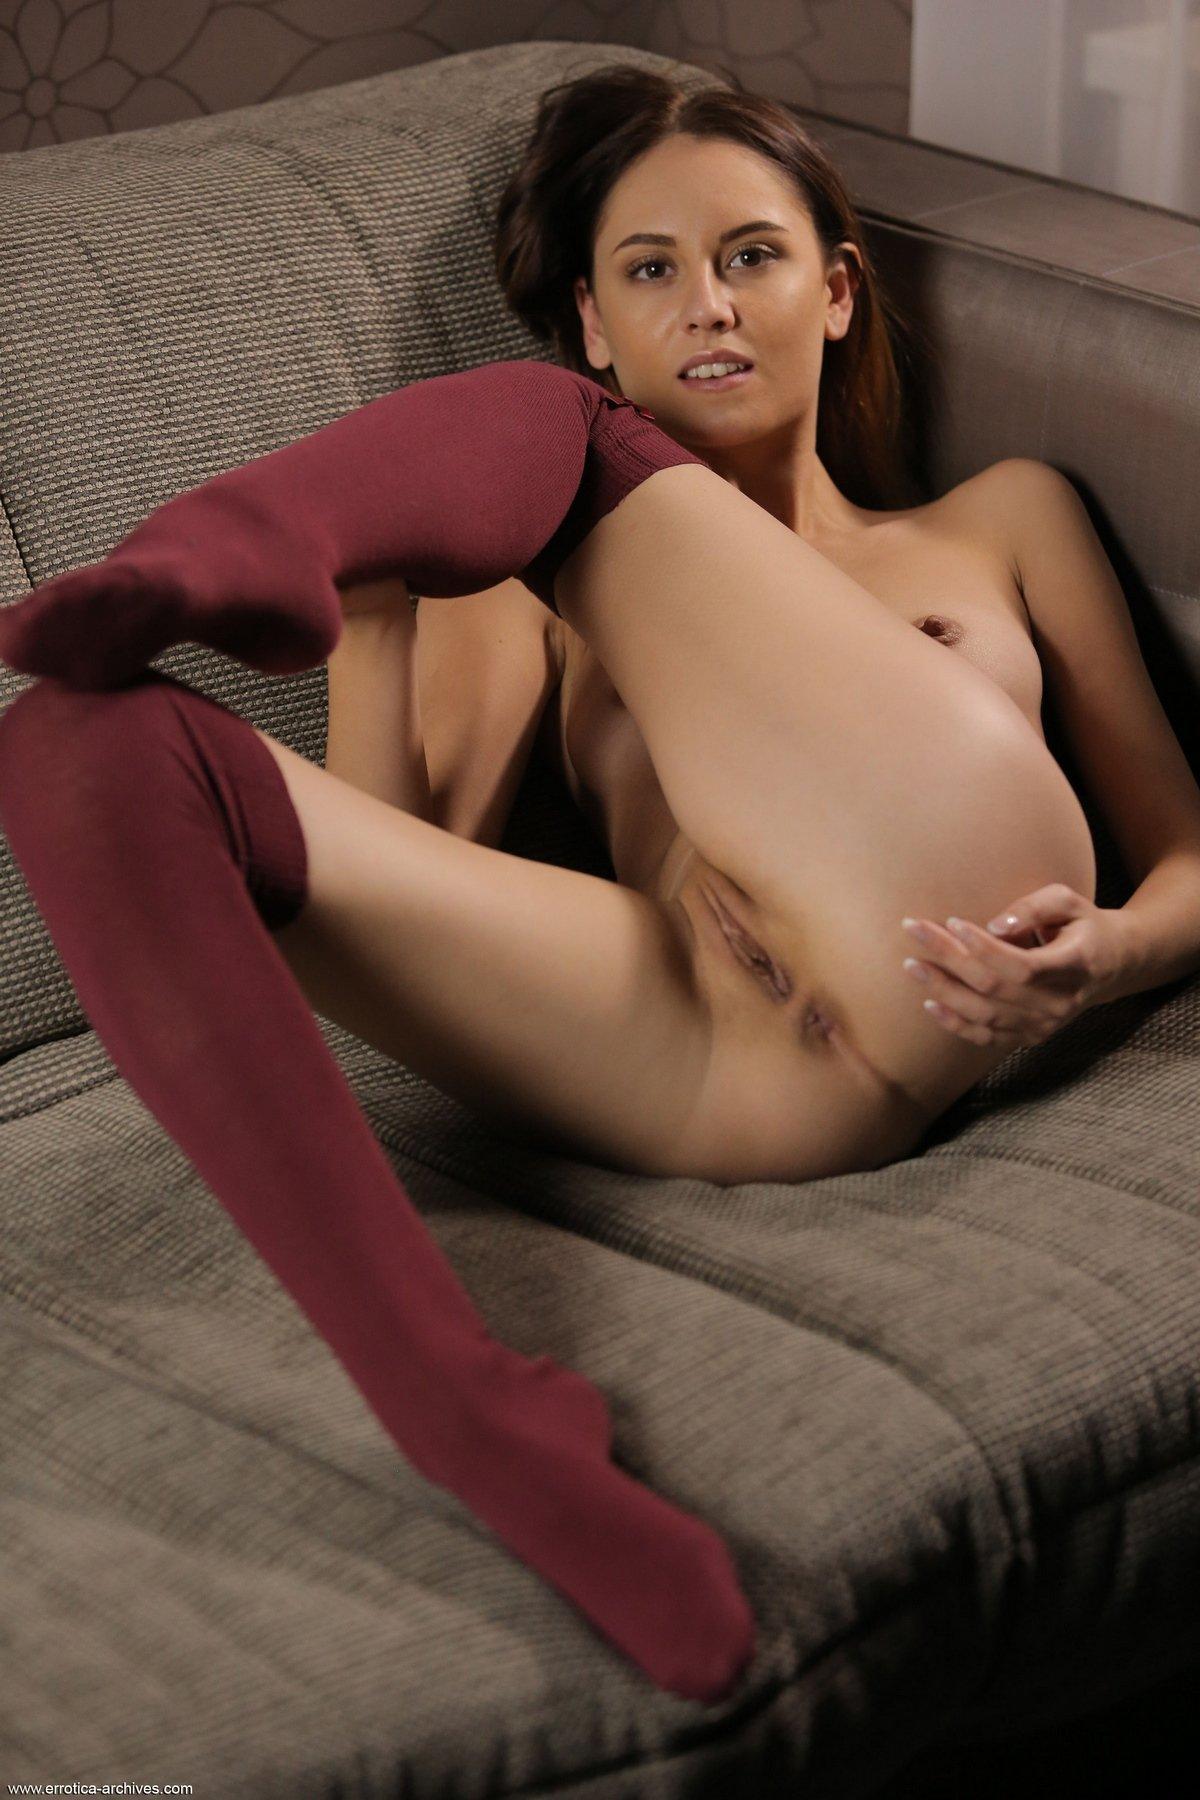 Молодая девушка в чулочках откровенно позирует